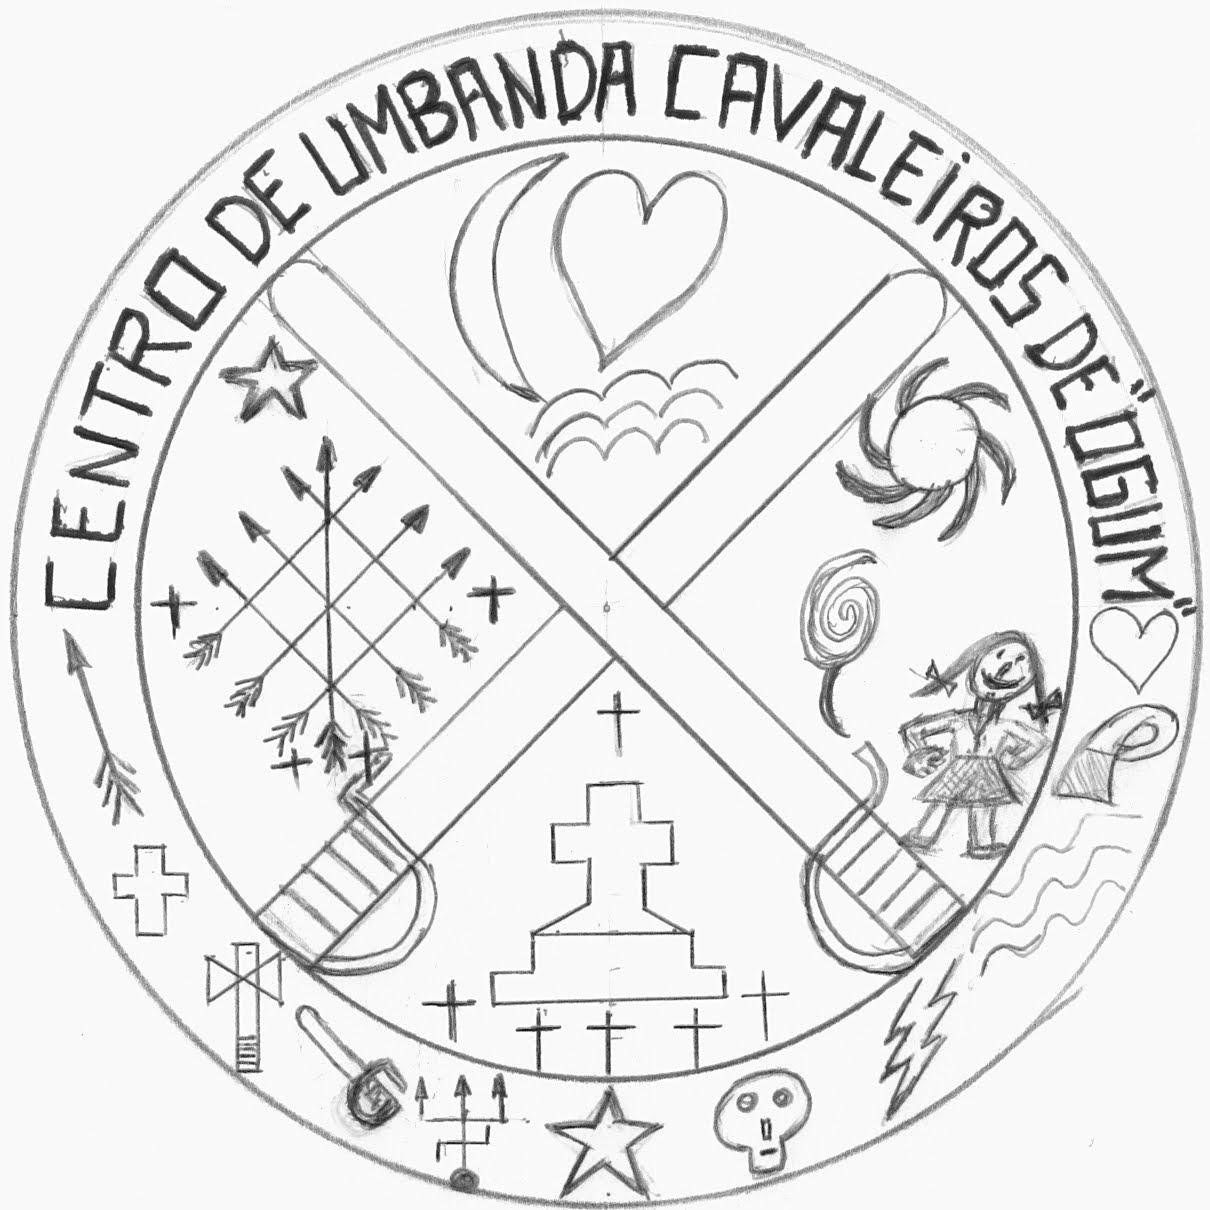 Excepcional Centro de Umbanda Cavaleiros de Ogum: Centro de Umbanda Cavaleiros  RZ52